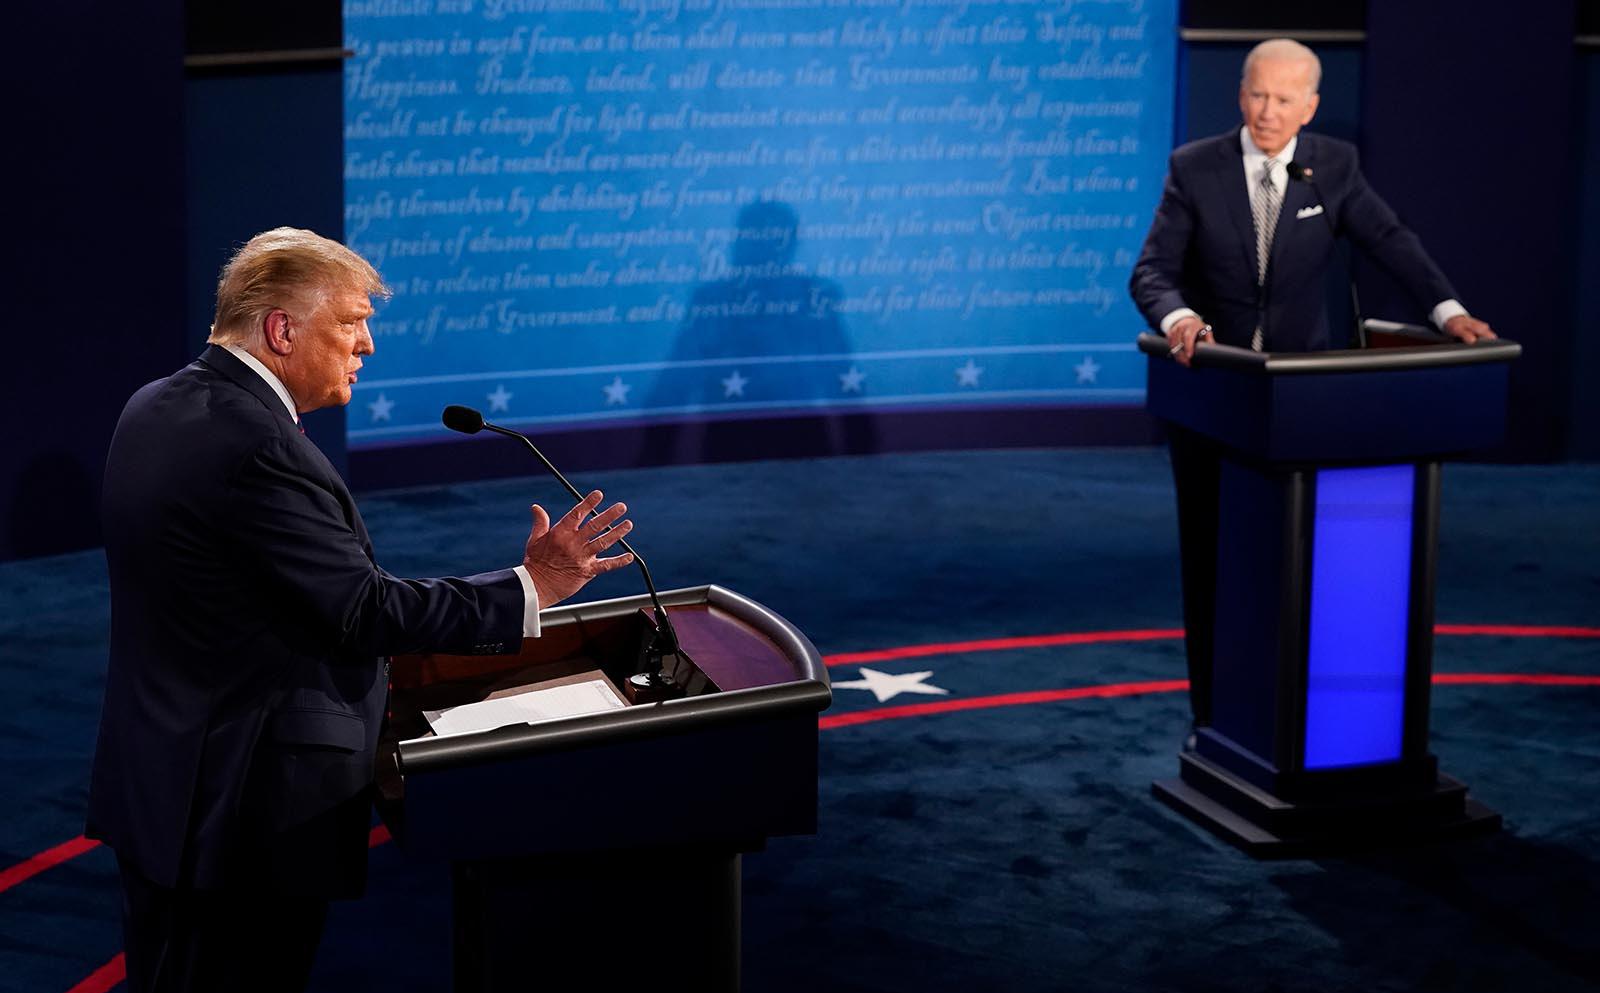 """Tranh luận thành """"chảo lửa"""": Ông Trump và ông Biden bất đồng về tất cả vấn đề, liên tục công kích cá nhân"""